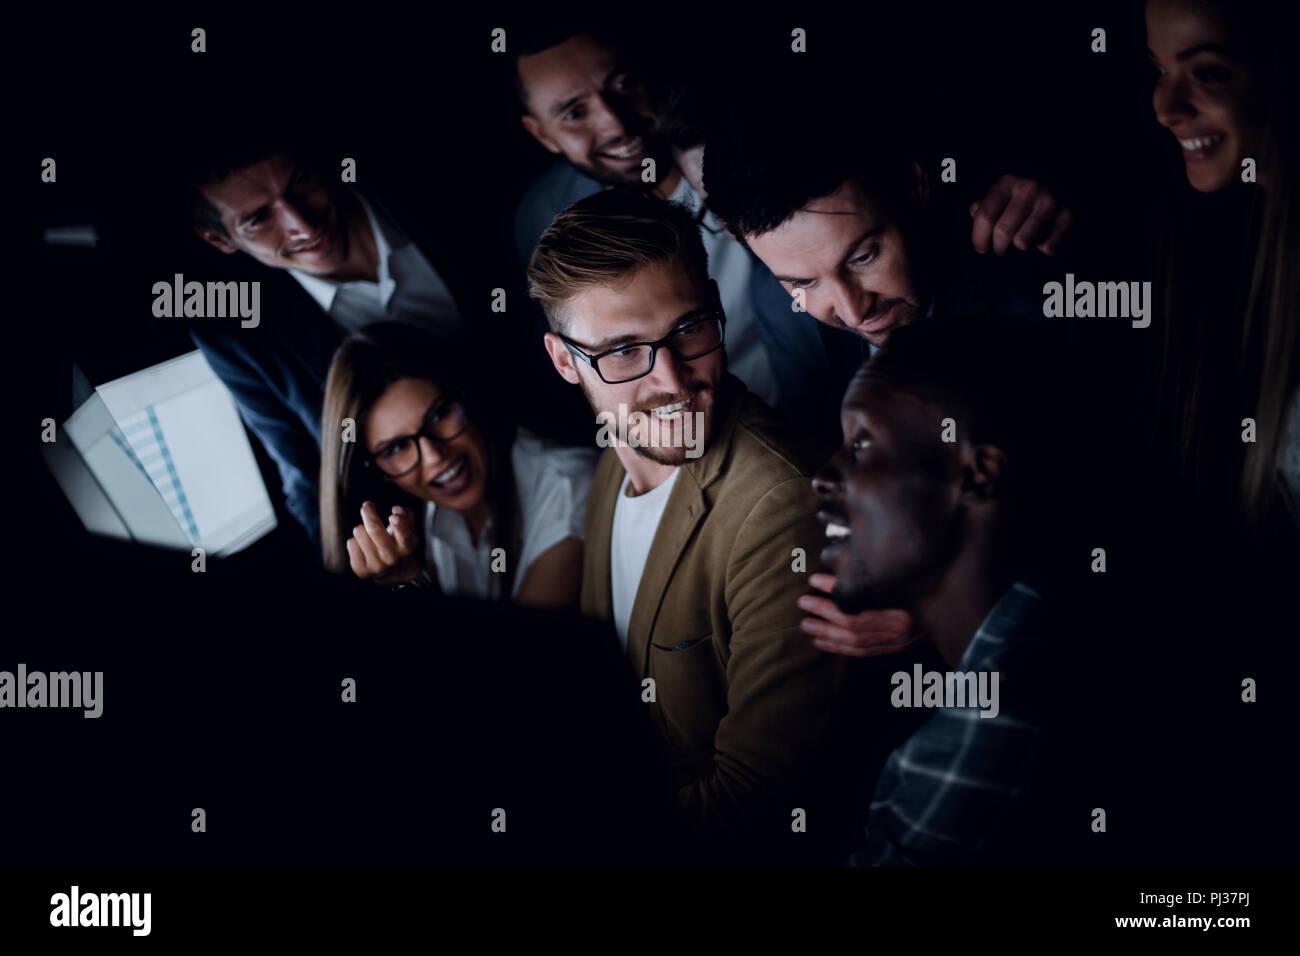 Close up.negocio exitoso equipo sentado cerca del escritorio en la noche Imagen De Stock